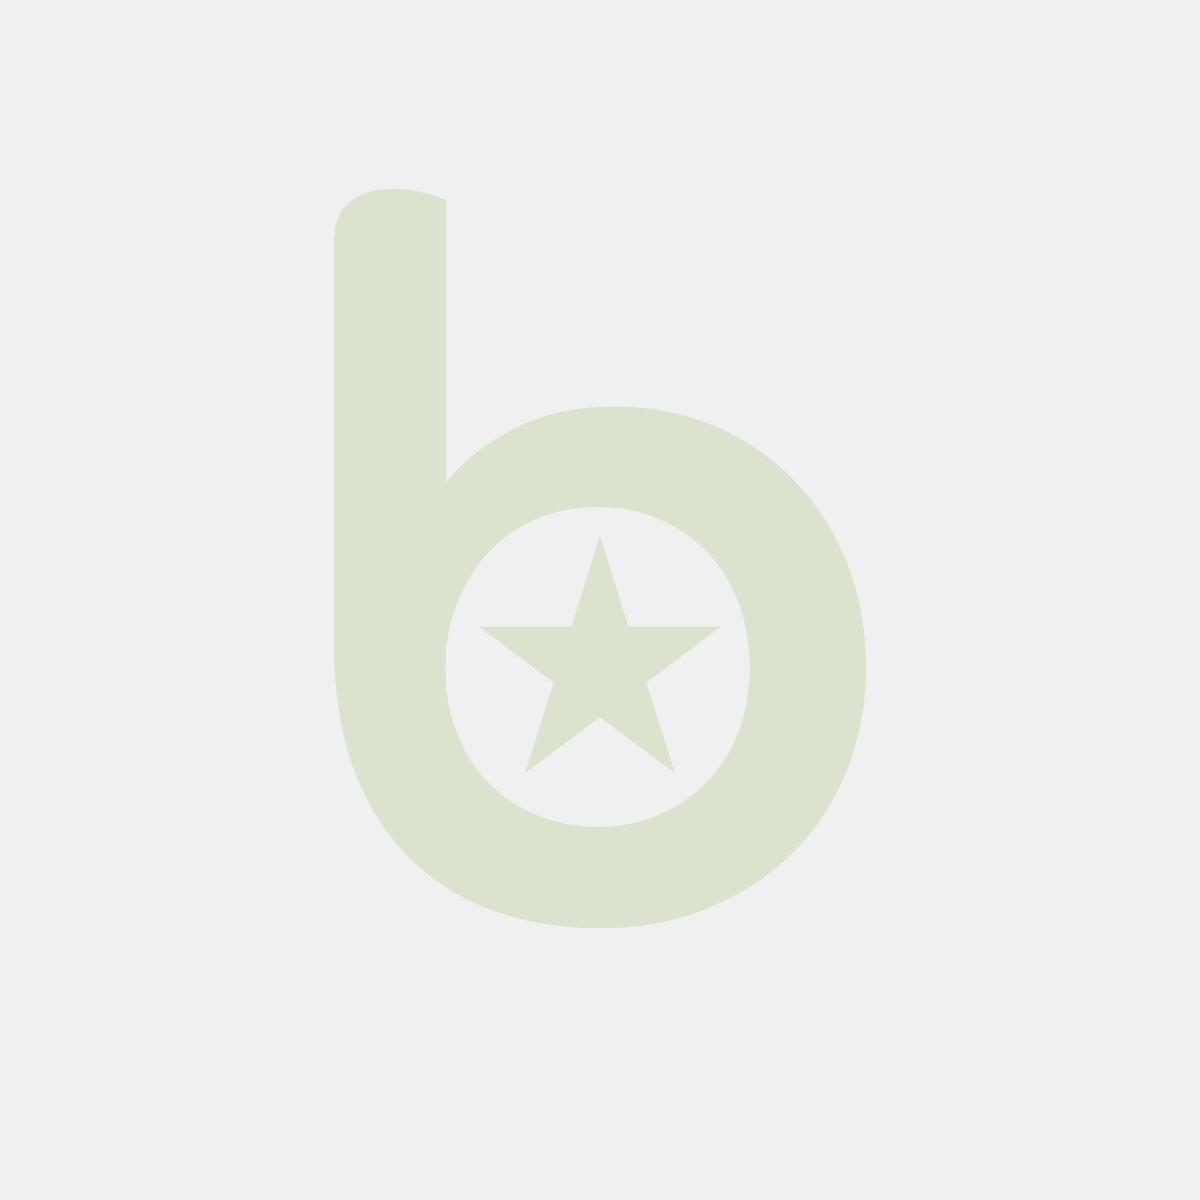 FINGERFOOD - miseczka, kwadratowa 7,5x7,5x2,7 czarna z melaminy